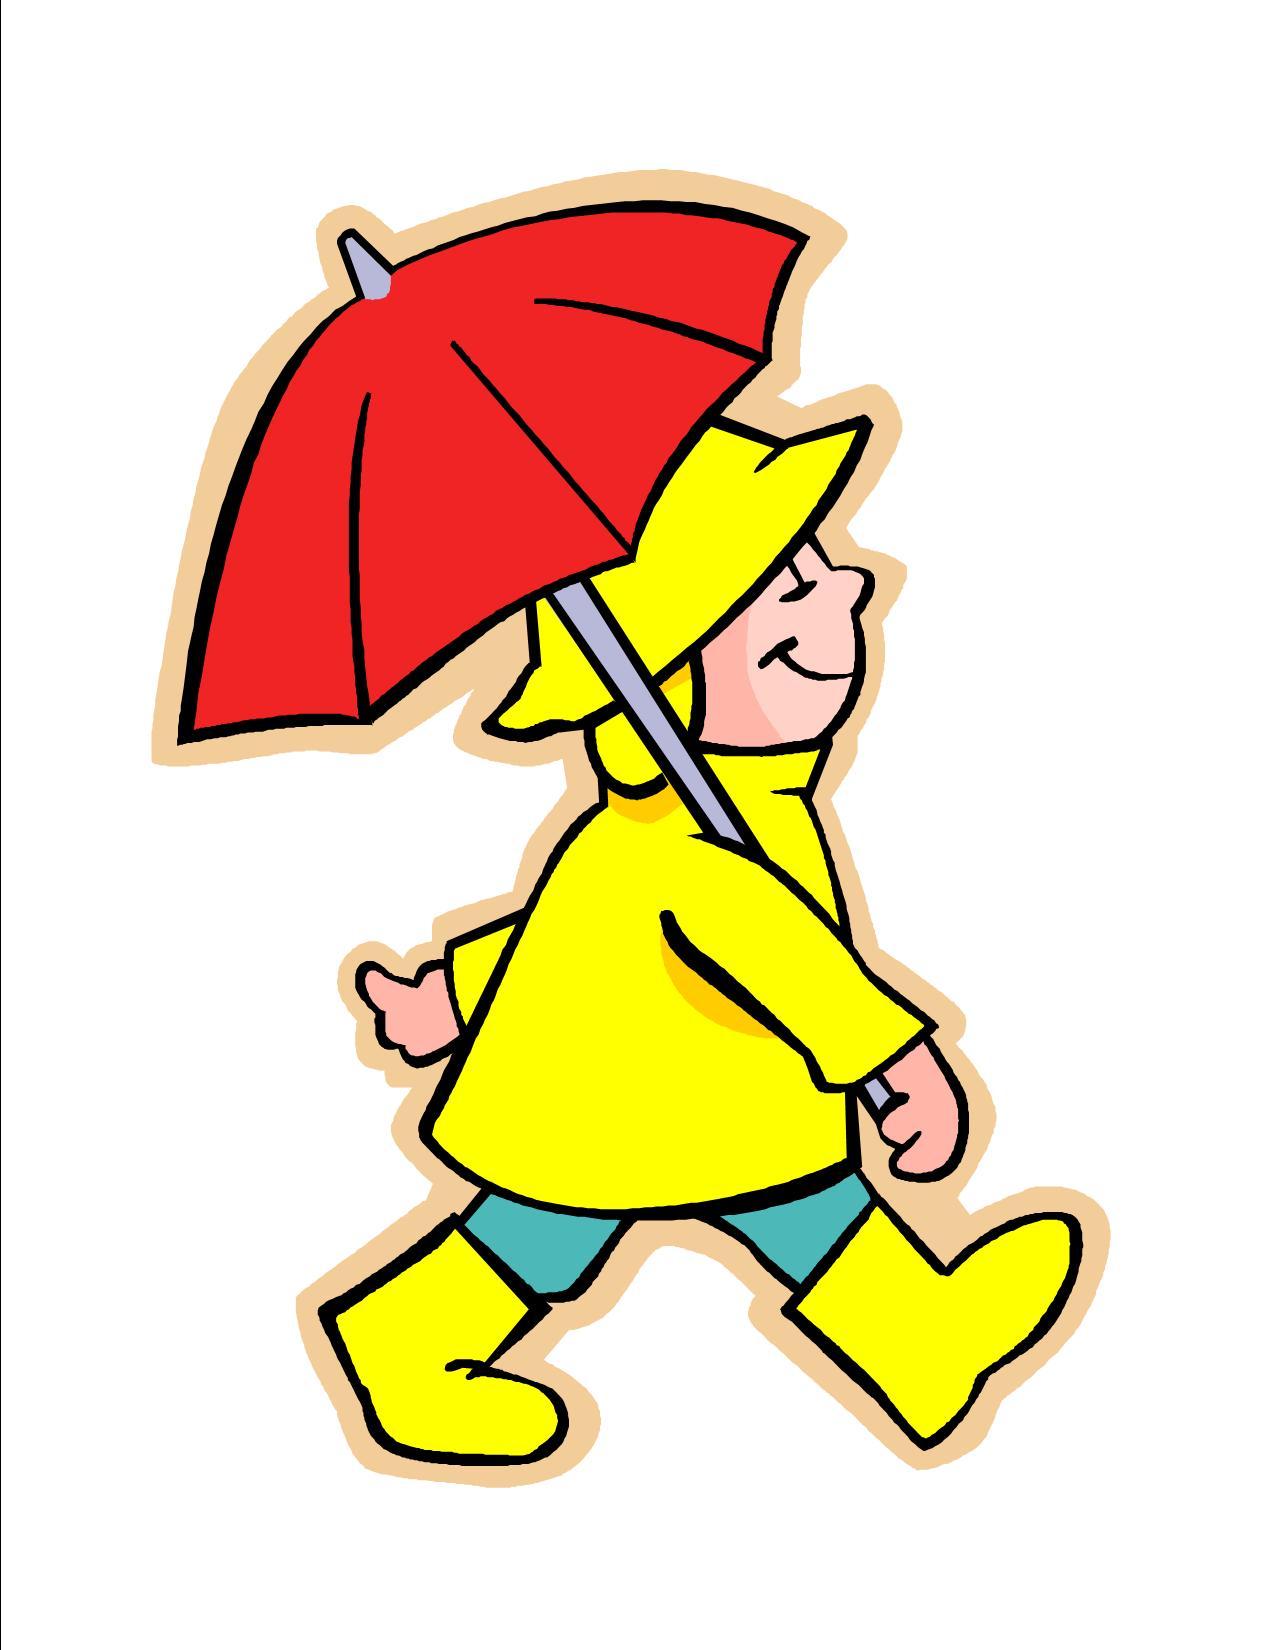 Coat clipart rainy Drexelbrook Free Pics Art Day